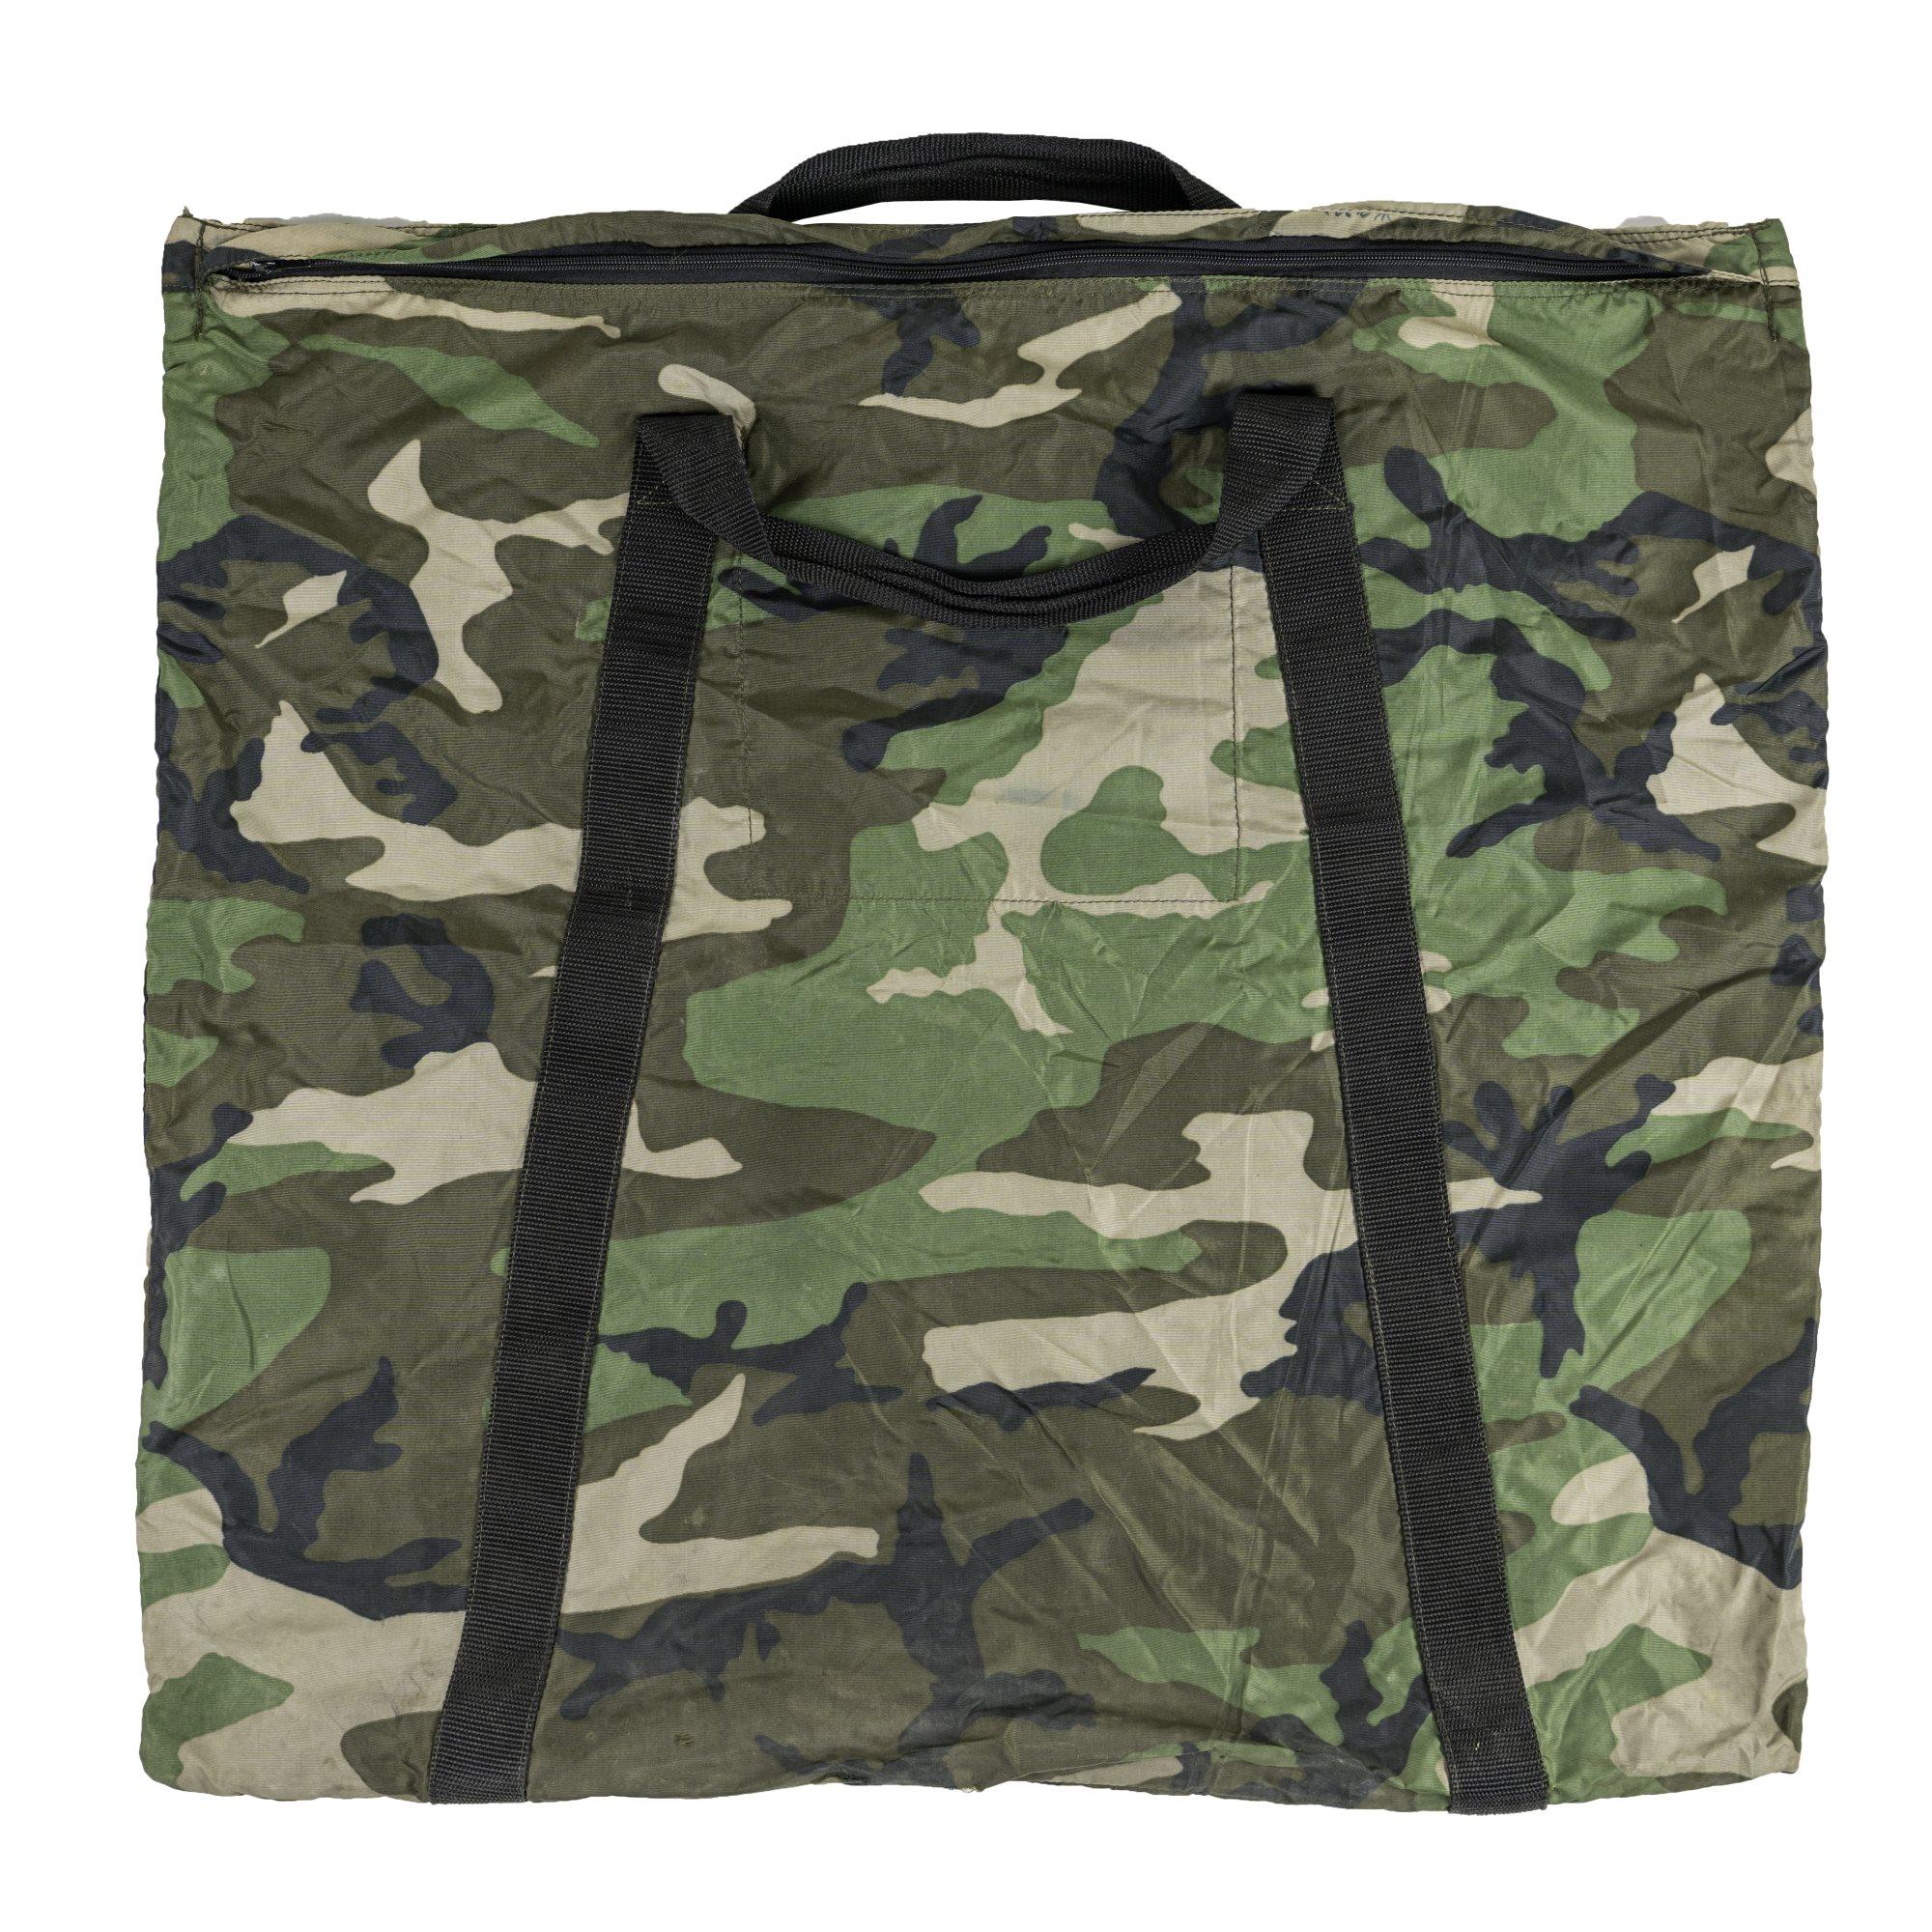 Taška pro vestu taktickou maskovaná vz.97 použitá - zvìtšit obrázek